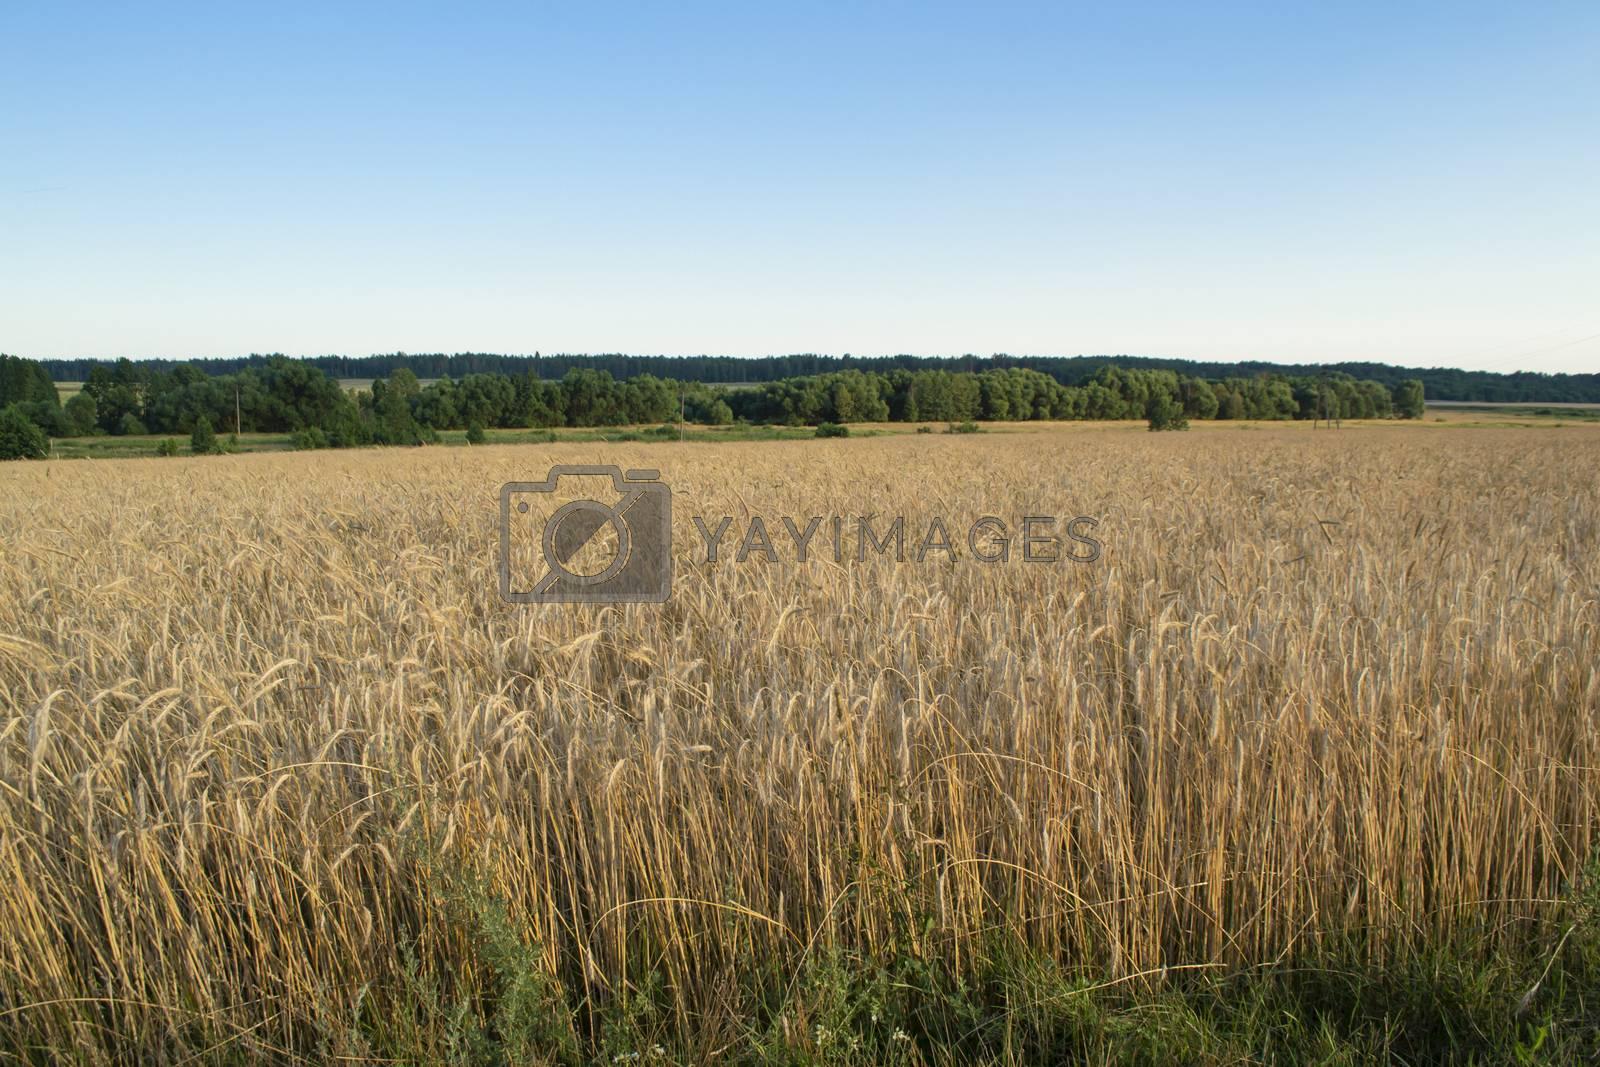 Yellow grain ready for harvest growing in a farm field. Landscape in Belarus